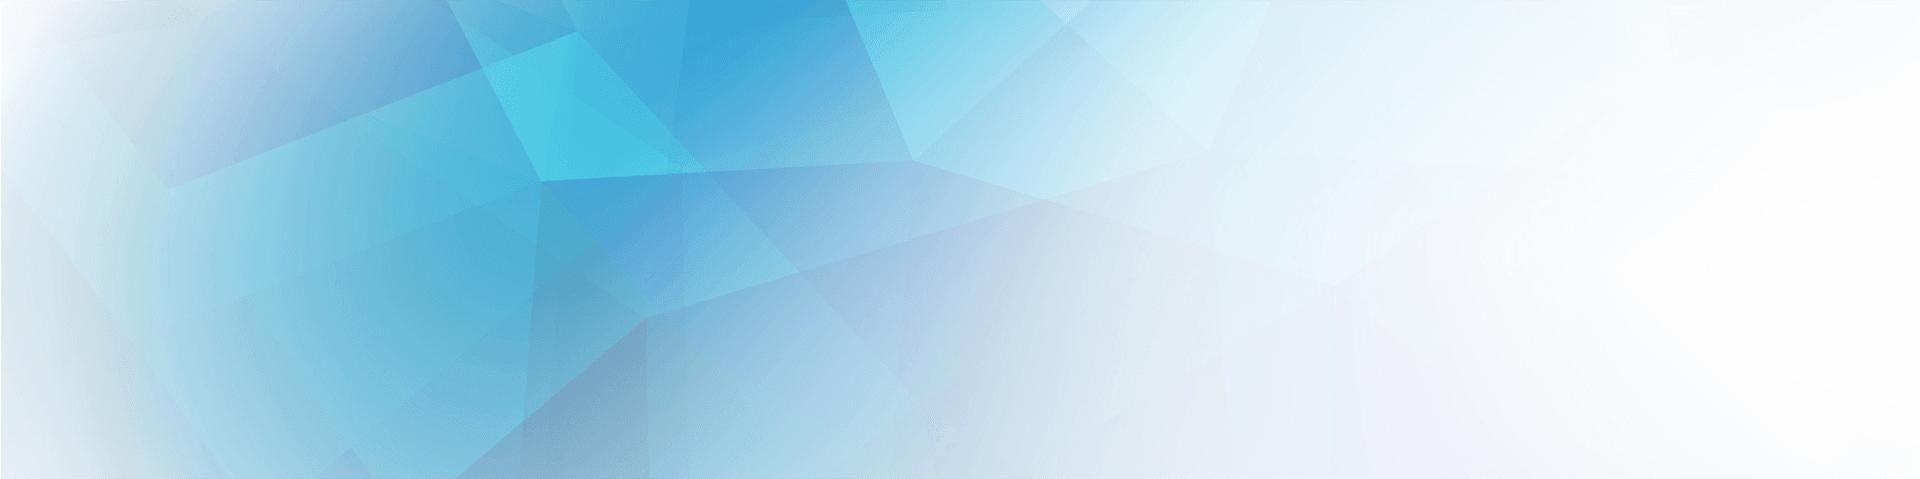 slides_blue1_vuzdl7